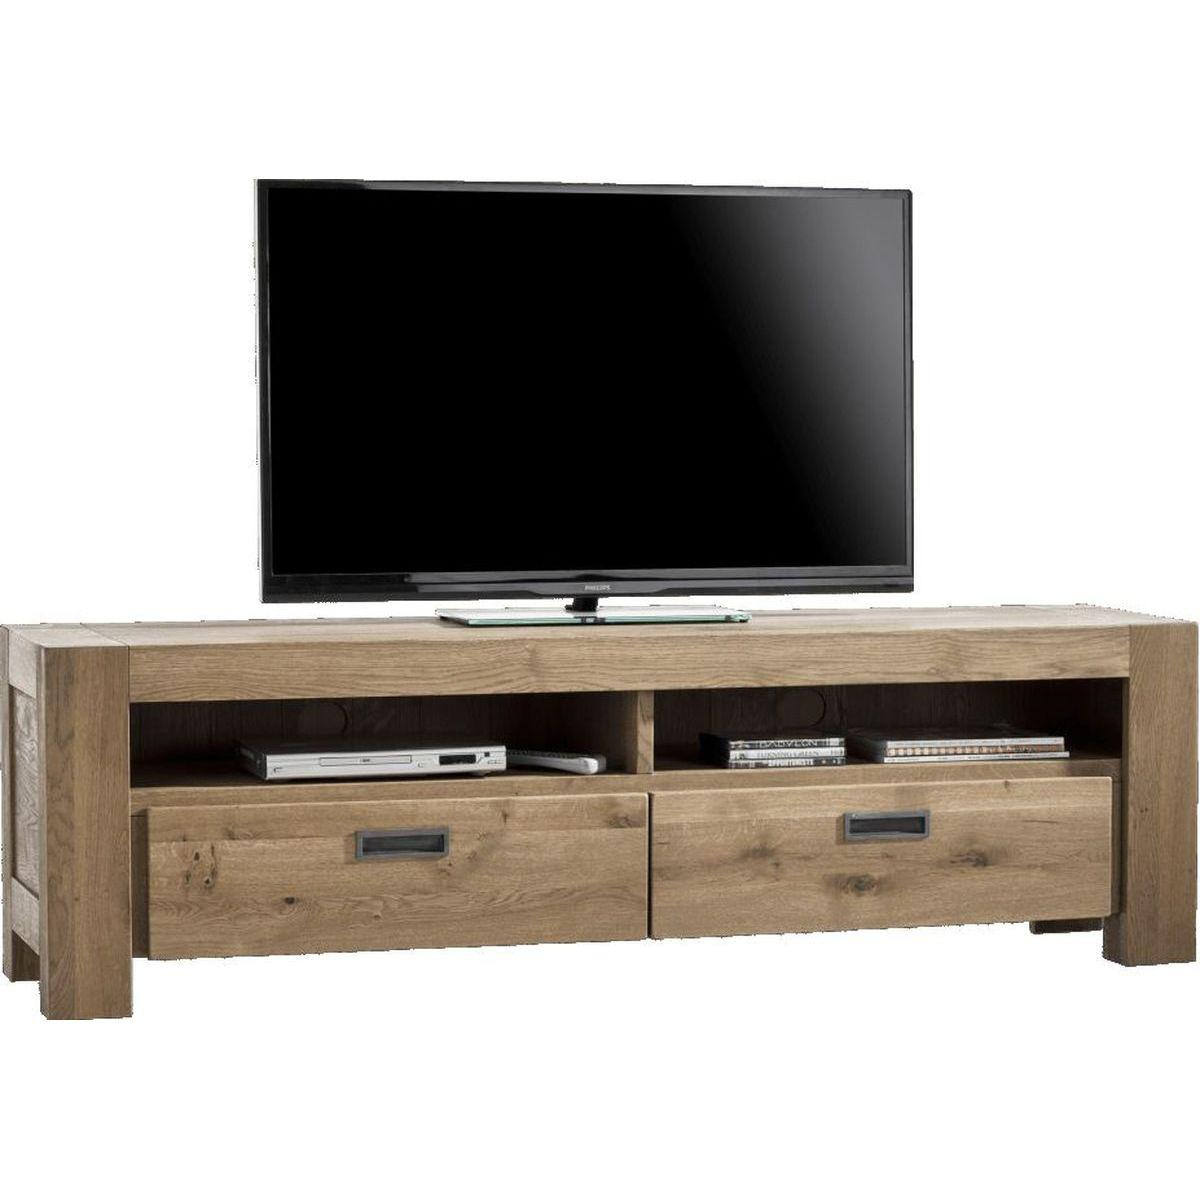 Meubles Henders Et Hazel abitare-living.lu | meuble tv 180cm santorini henders